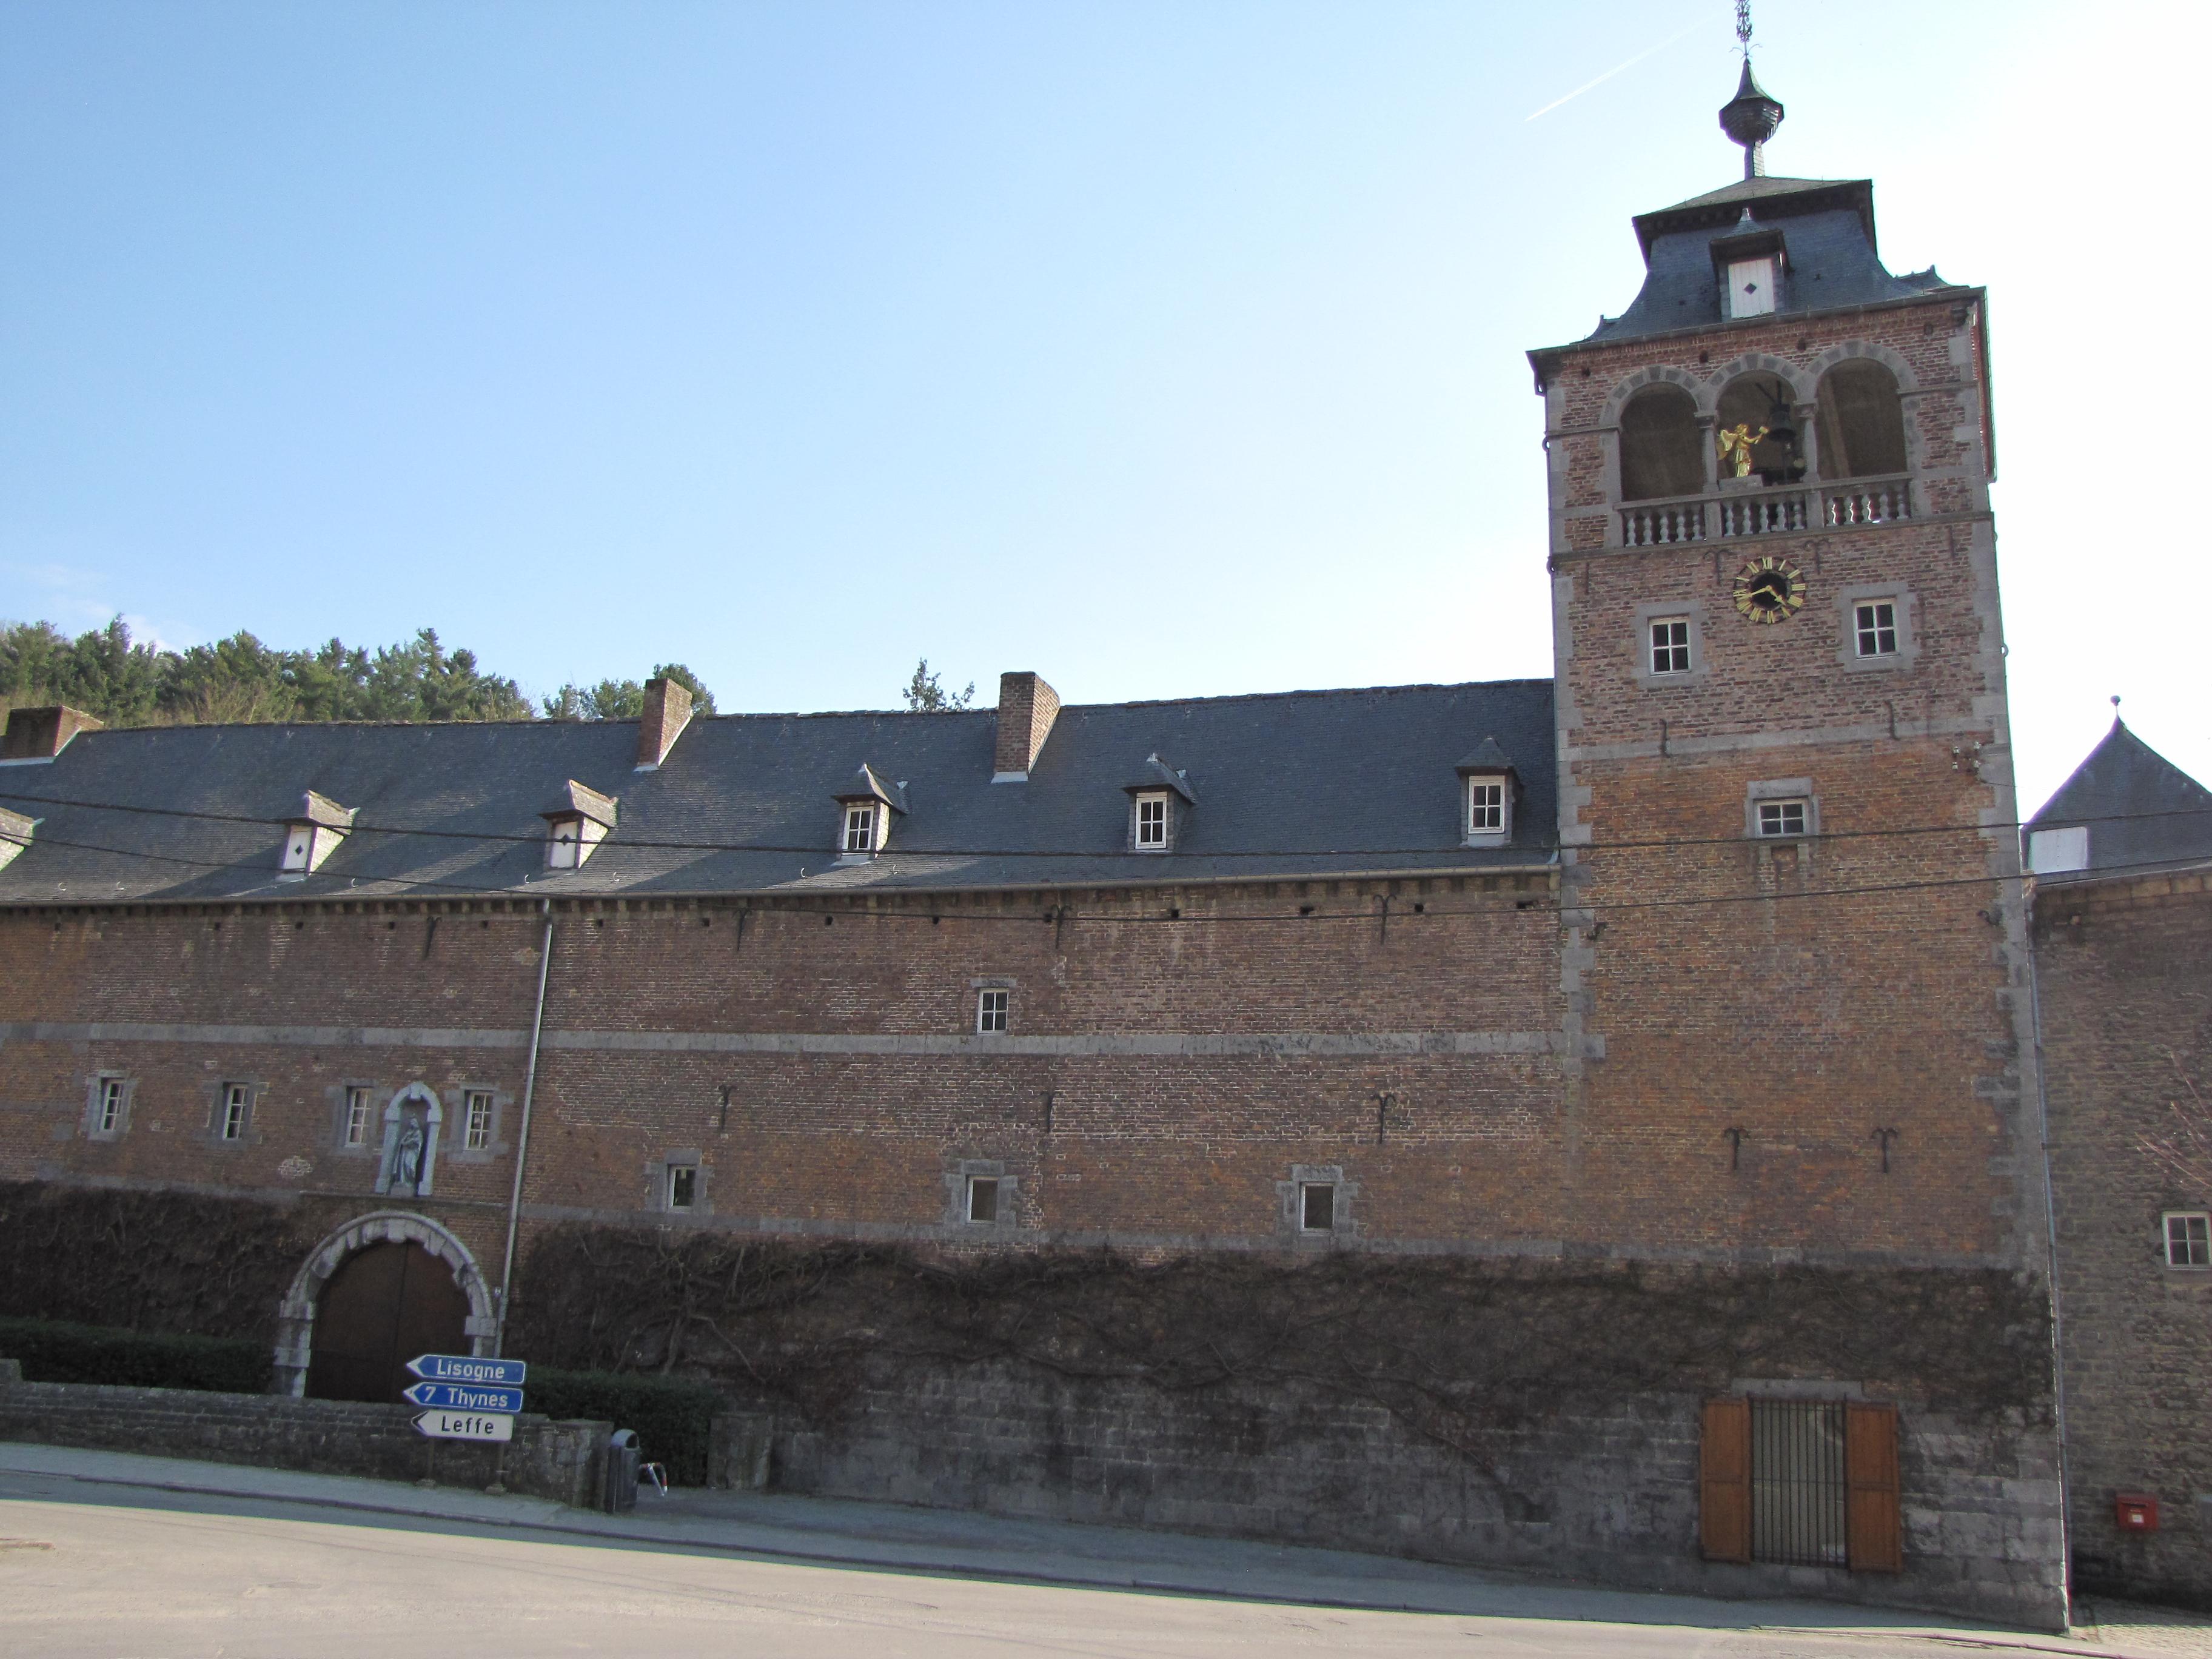 abbaye de lessay Abbaye de la sainte-trinite, lessay le + : l'une des premières voutes sur croisées d'ogives au monde important festival de musique en juillet et aout.